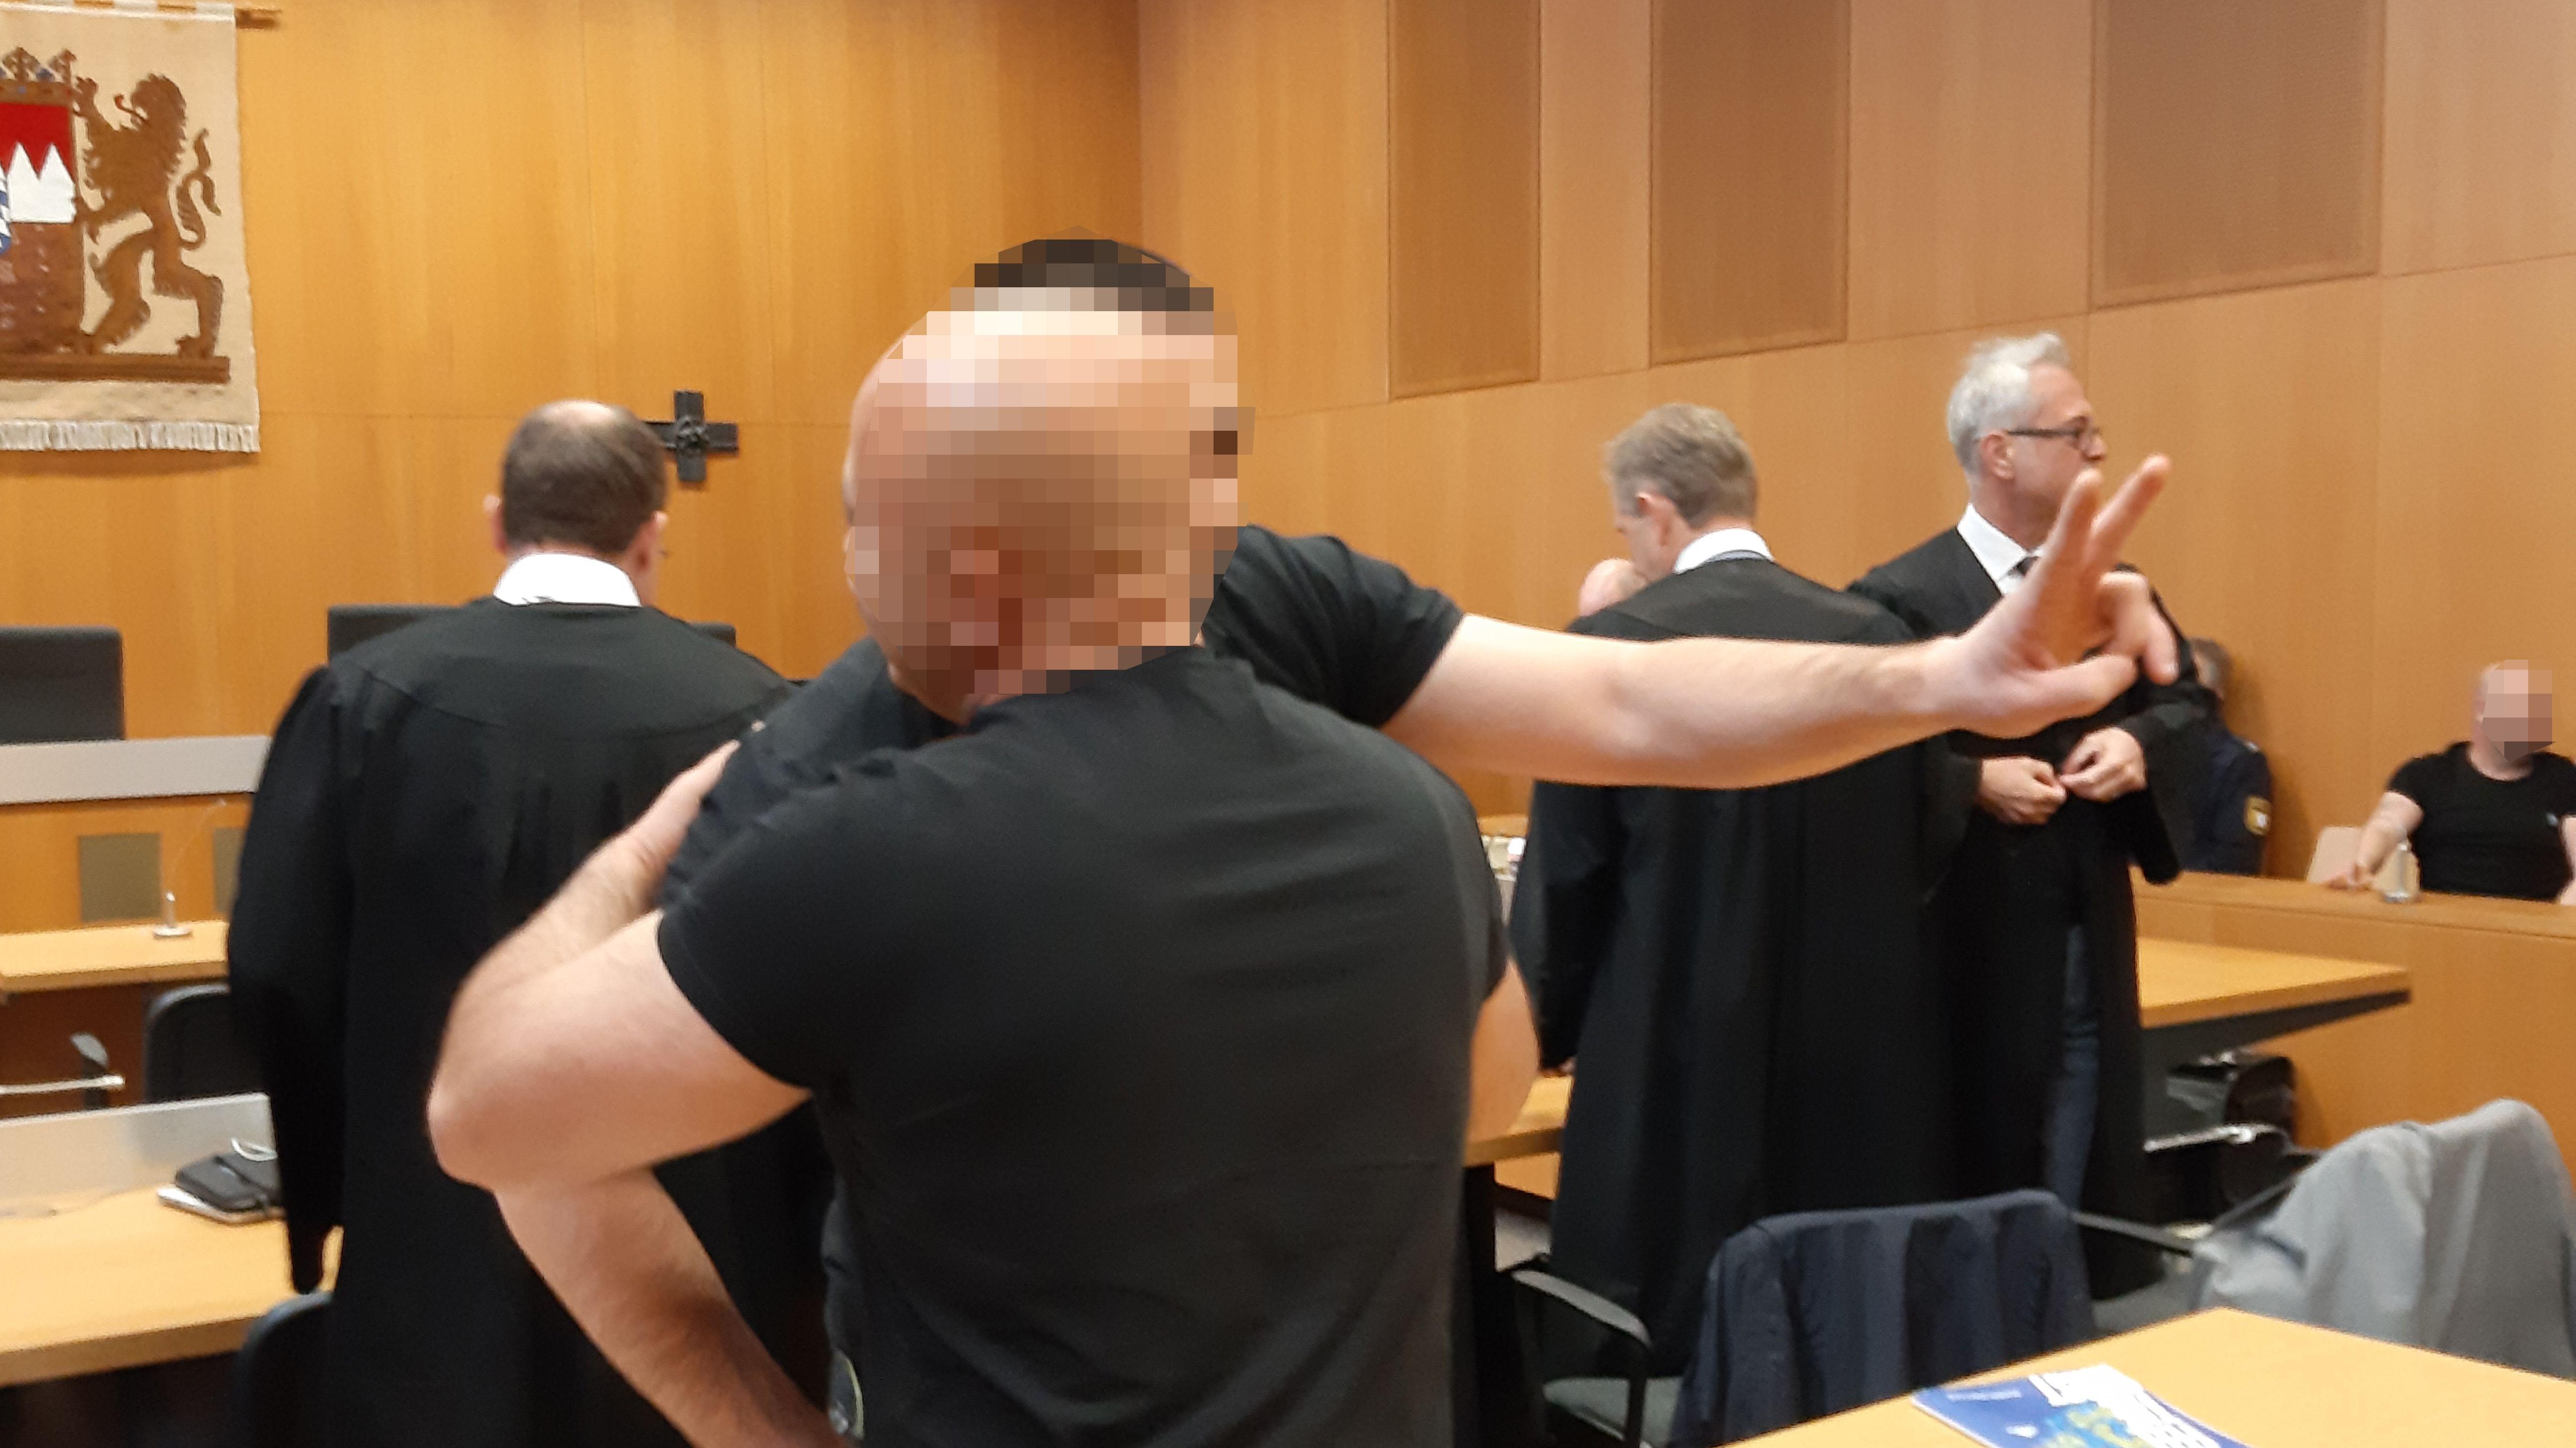 Zwei der Angeklagten umarmen sich im Gerichtssaal